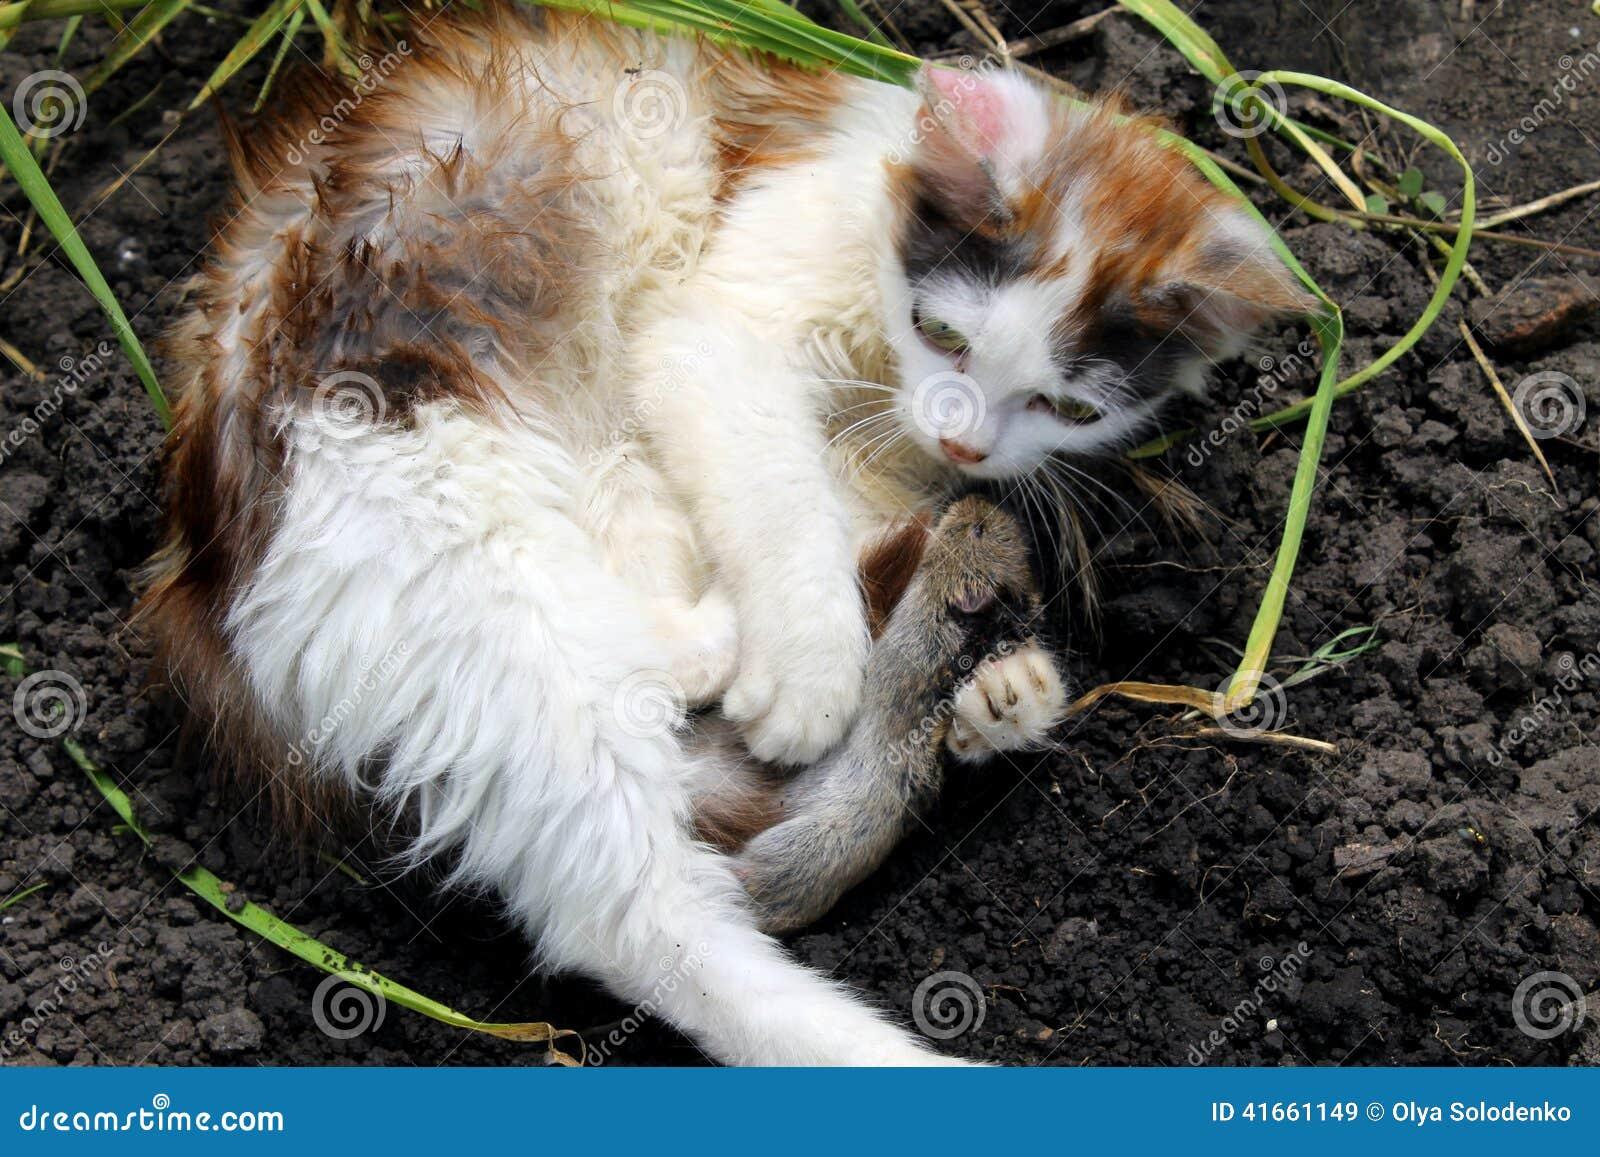 Котенок с мышью